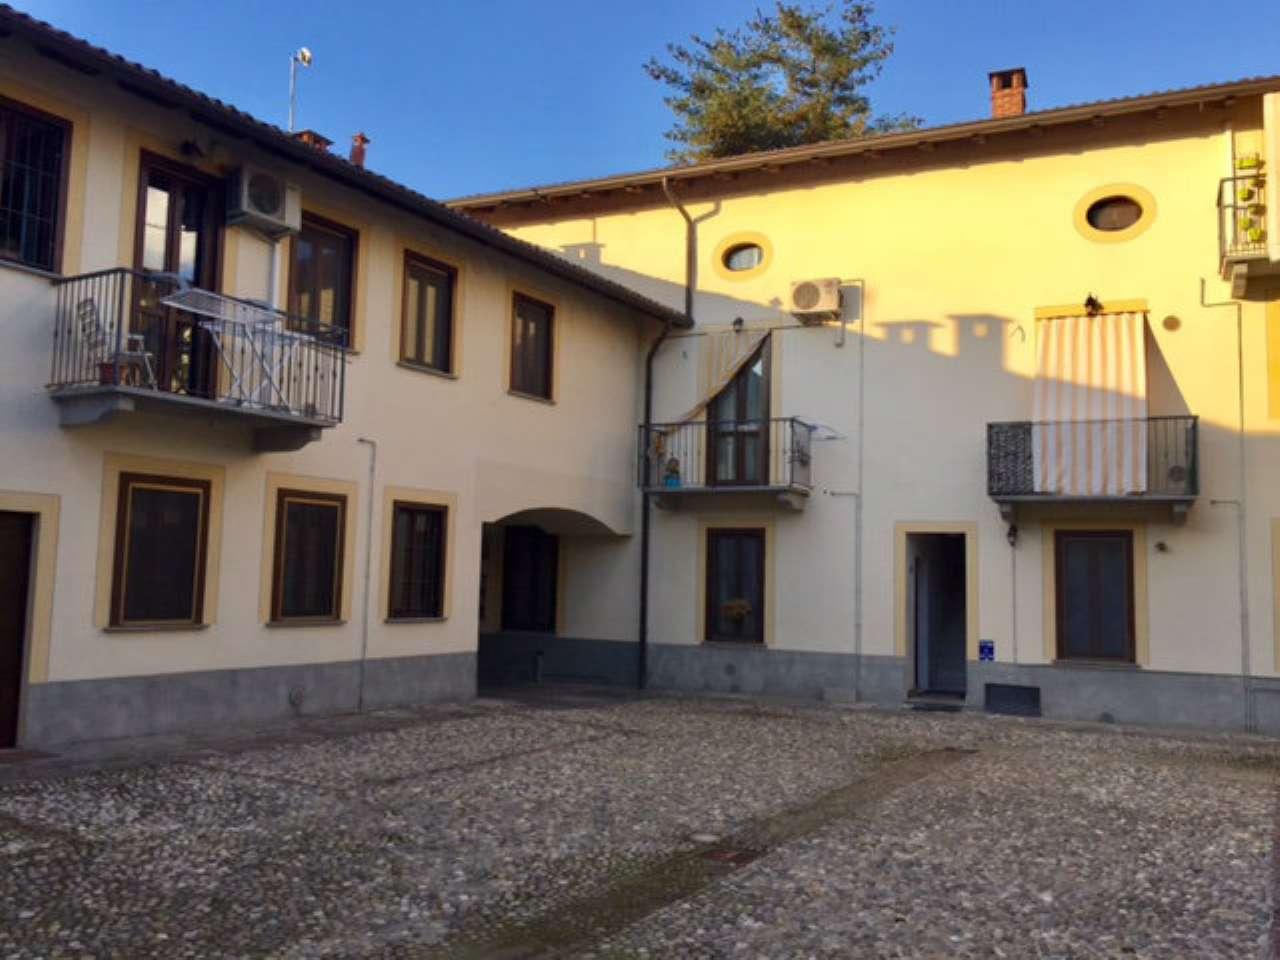 Appartamento in vendita a Garlasco, 2 locali, prezzo € 80.000 | Cambio Casa.it